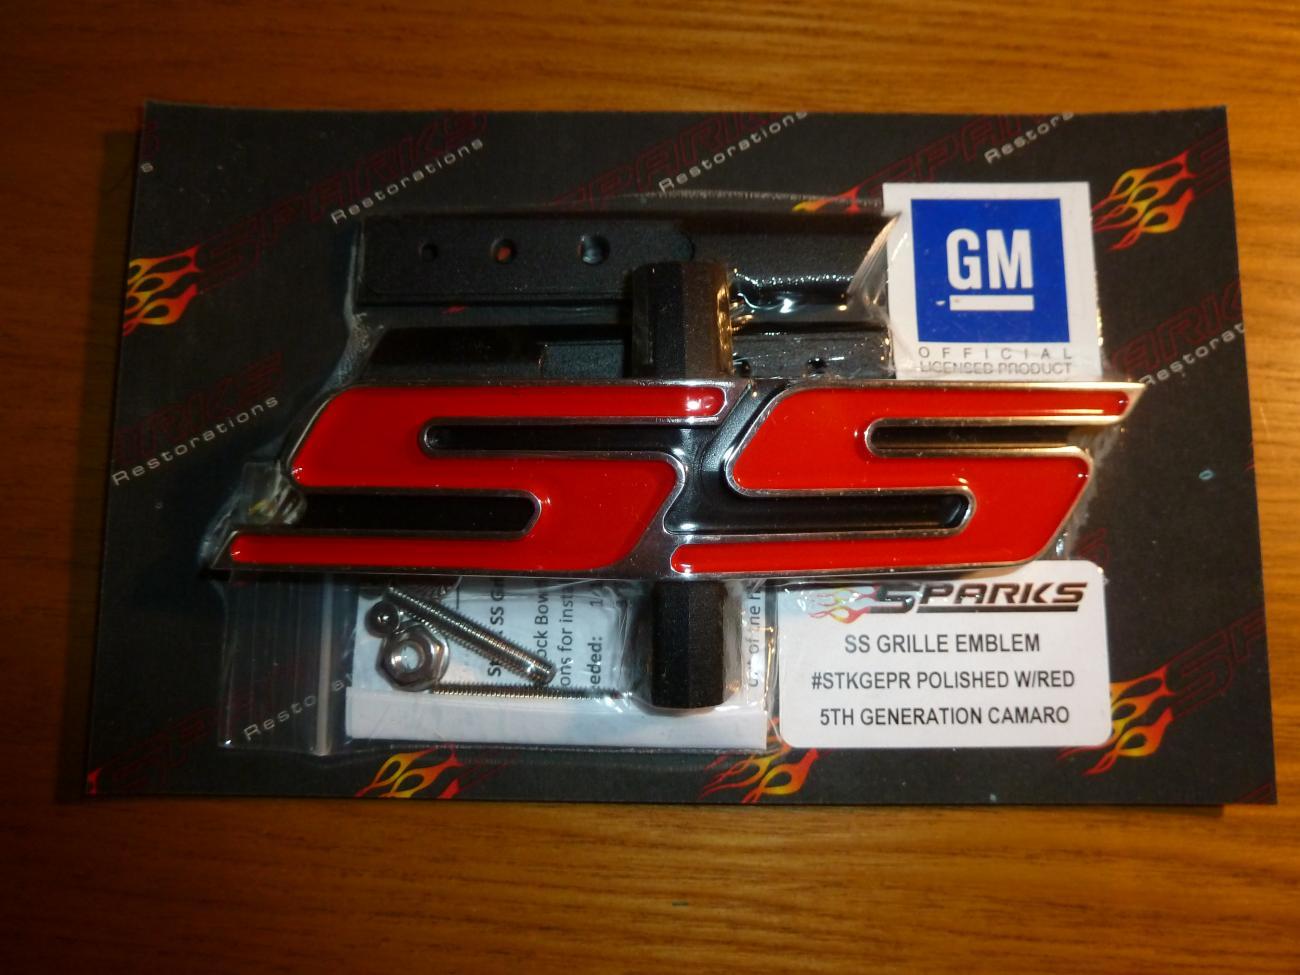 camaro ss grille emblem 5th generation 2010 and up sparks. Black Bedroom Furniture Sets. Home Design Ideas